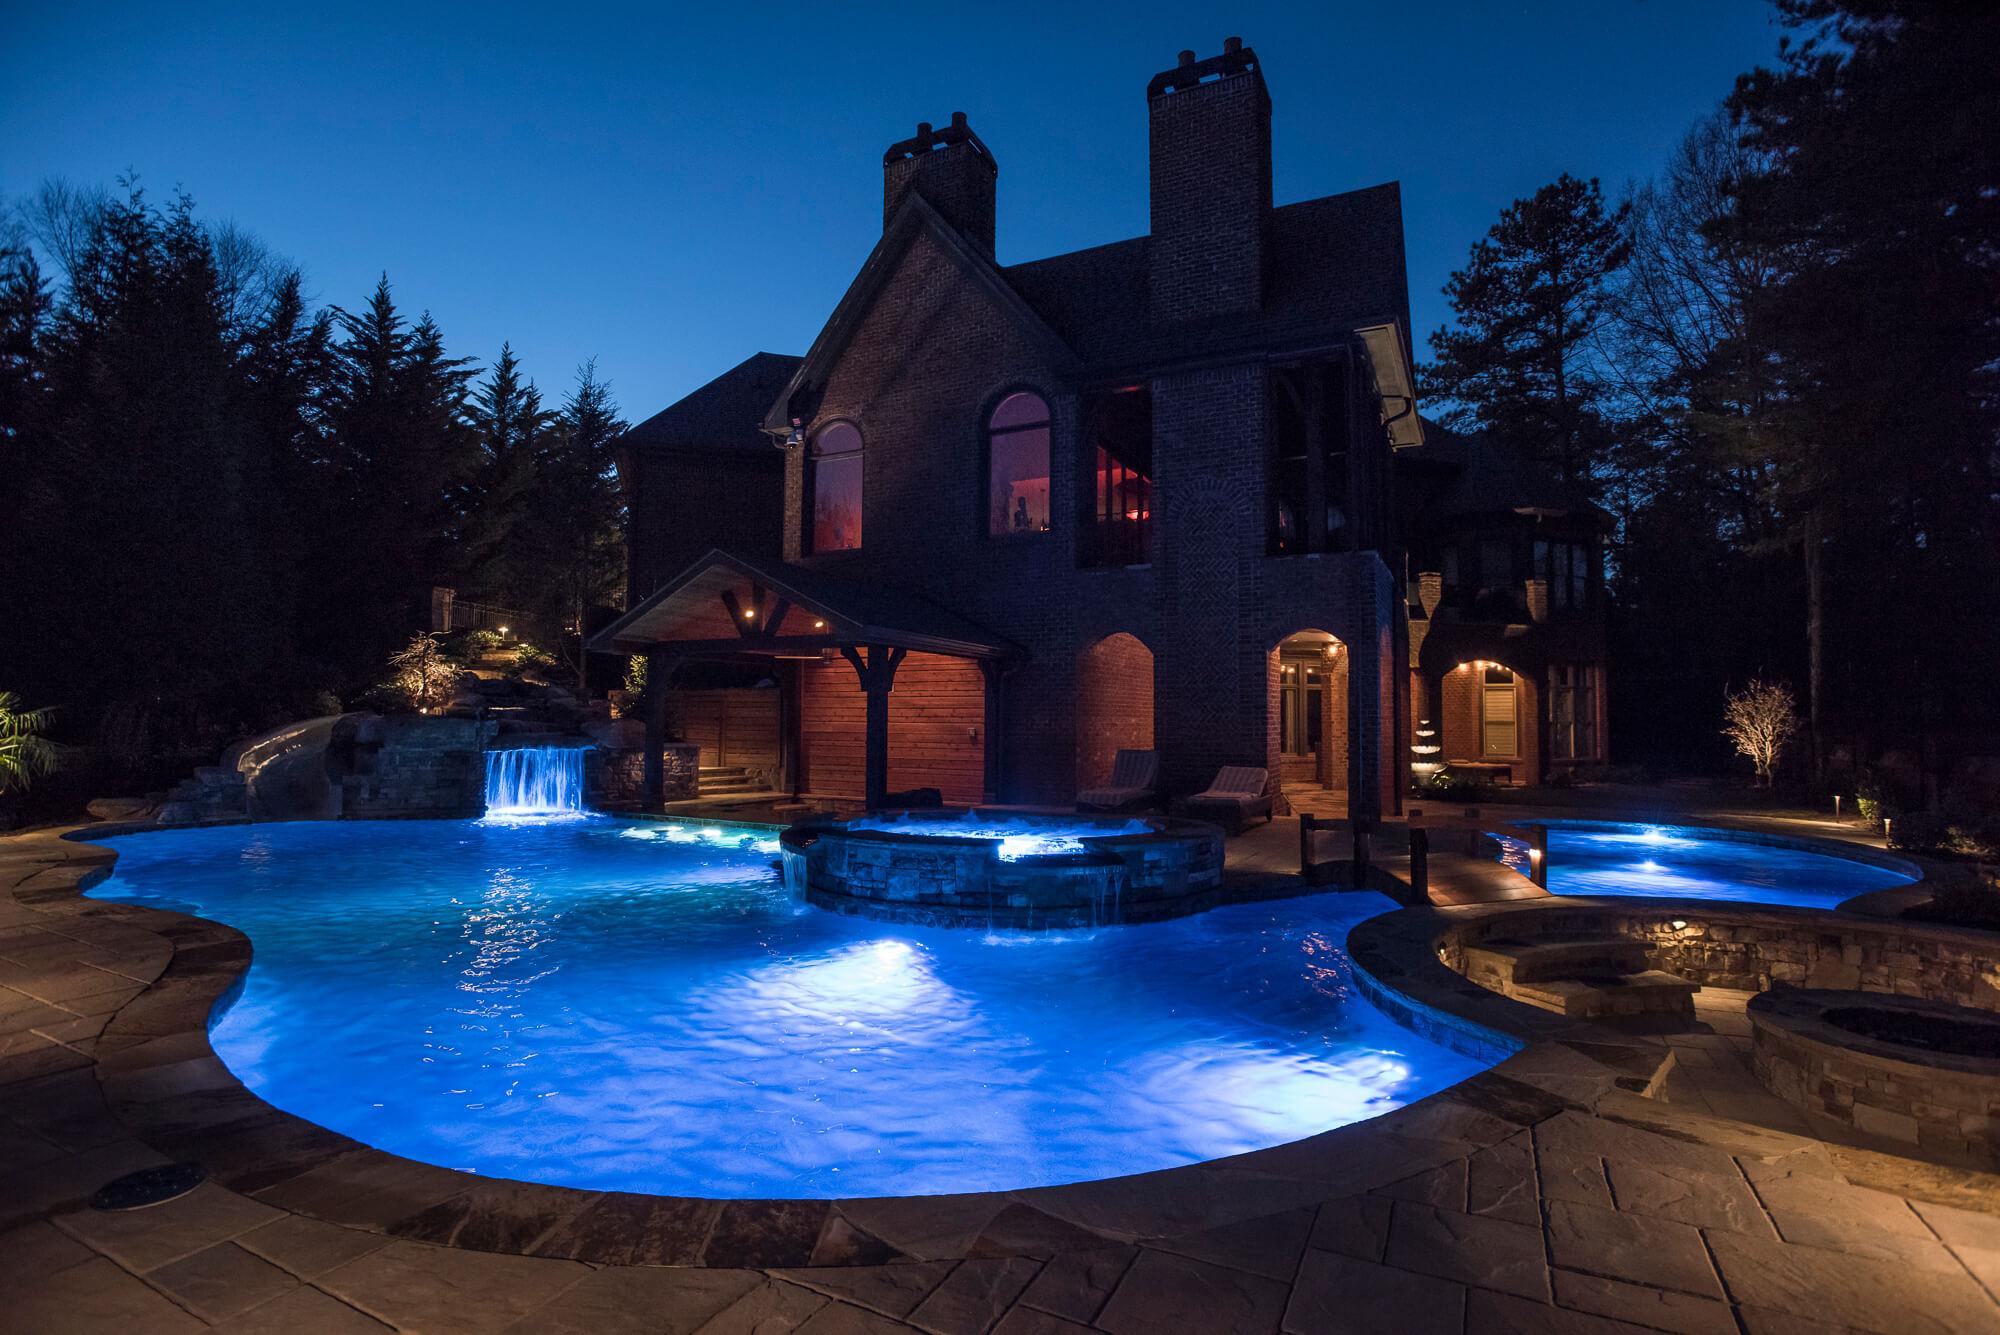 LED pool lighting and deck lighting